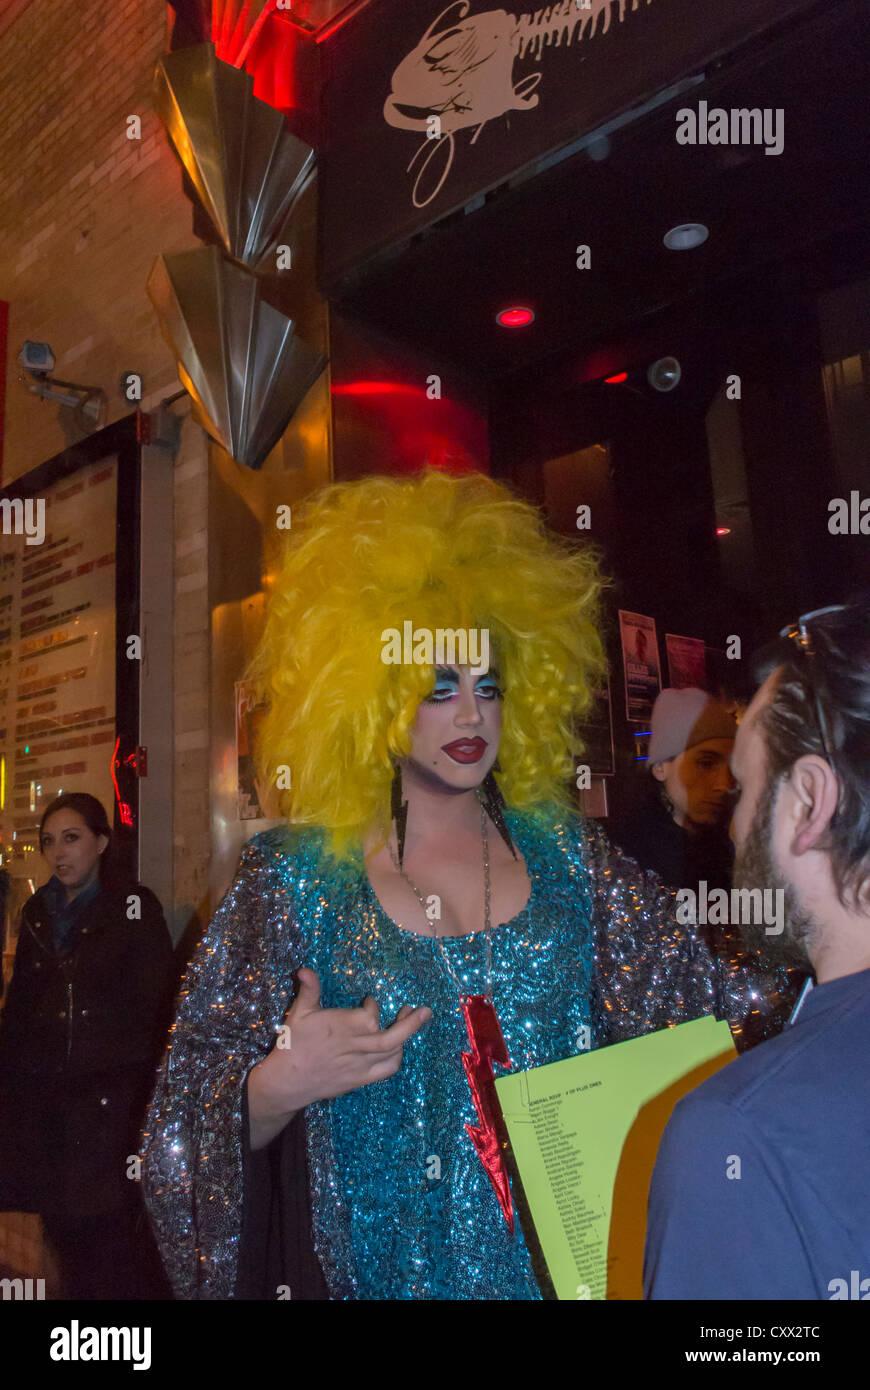 New York, NY, USA, Drag Queen à l'extérieur de nuit, 'La' Poisson Rouge à Greenwich Village, Photo Stock